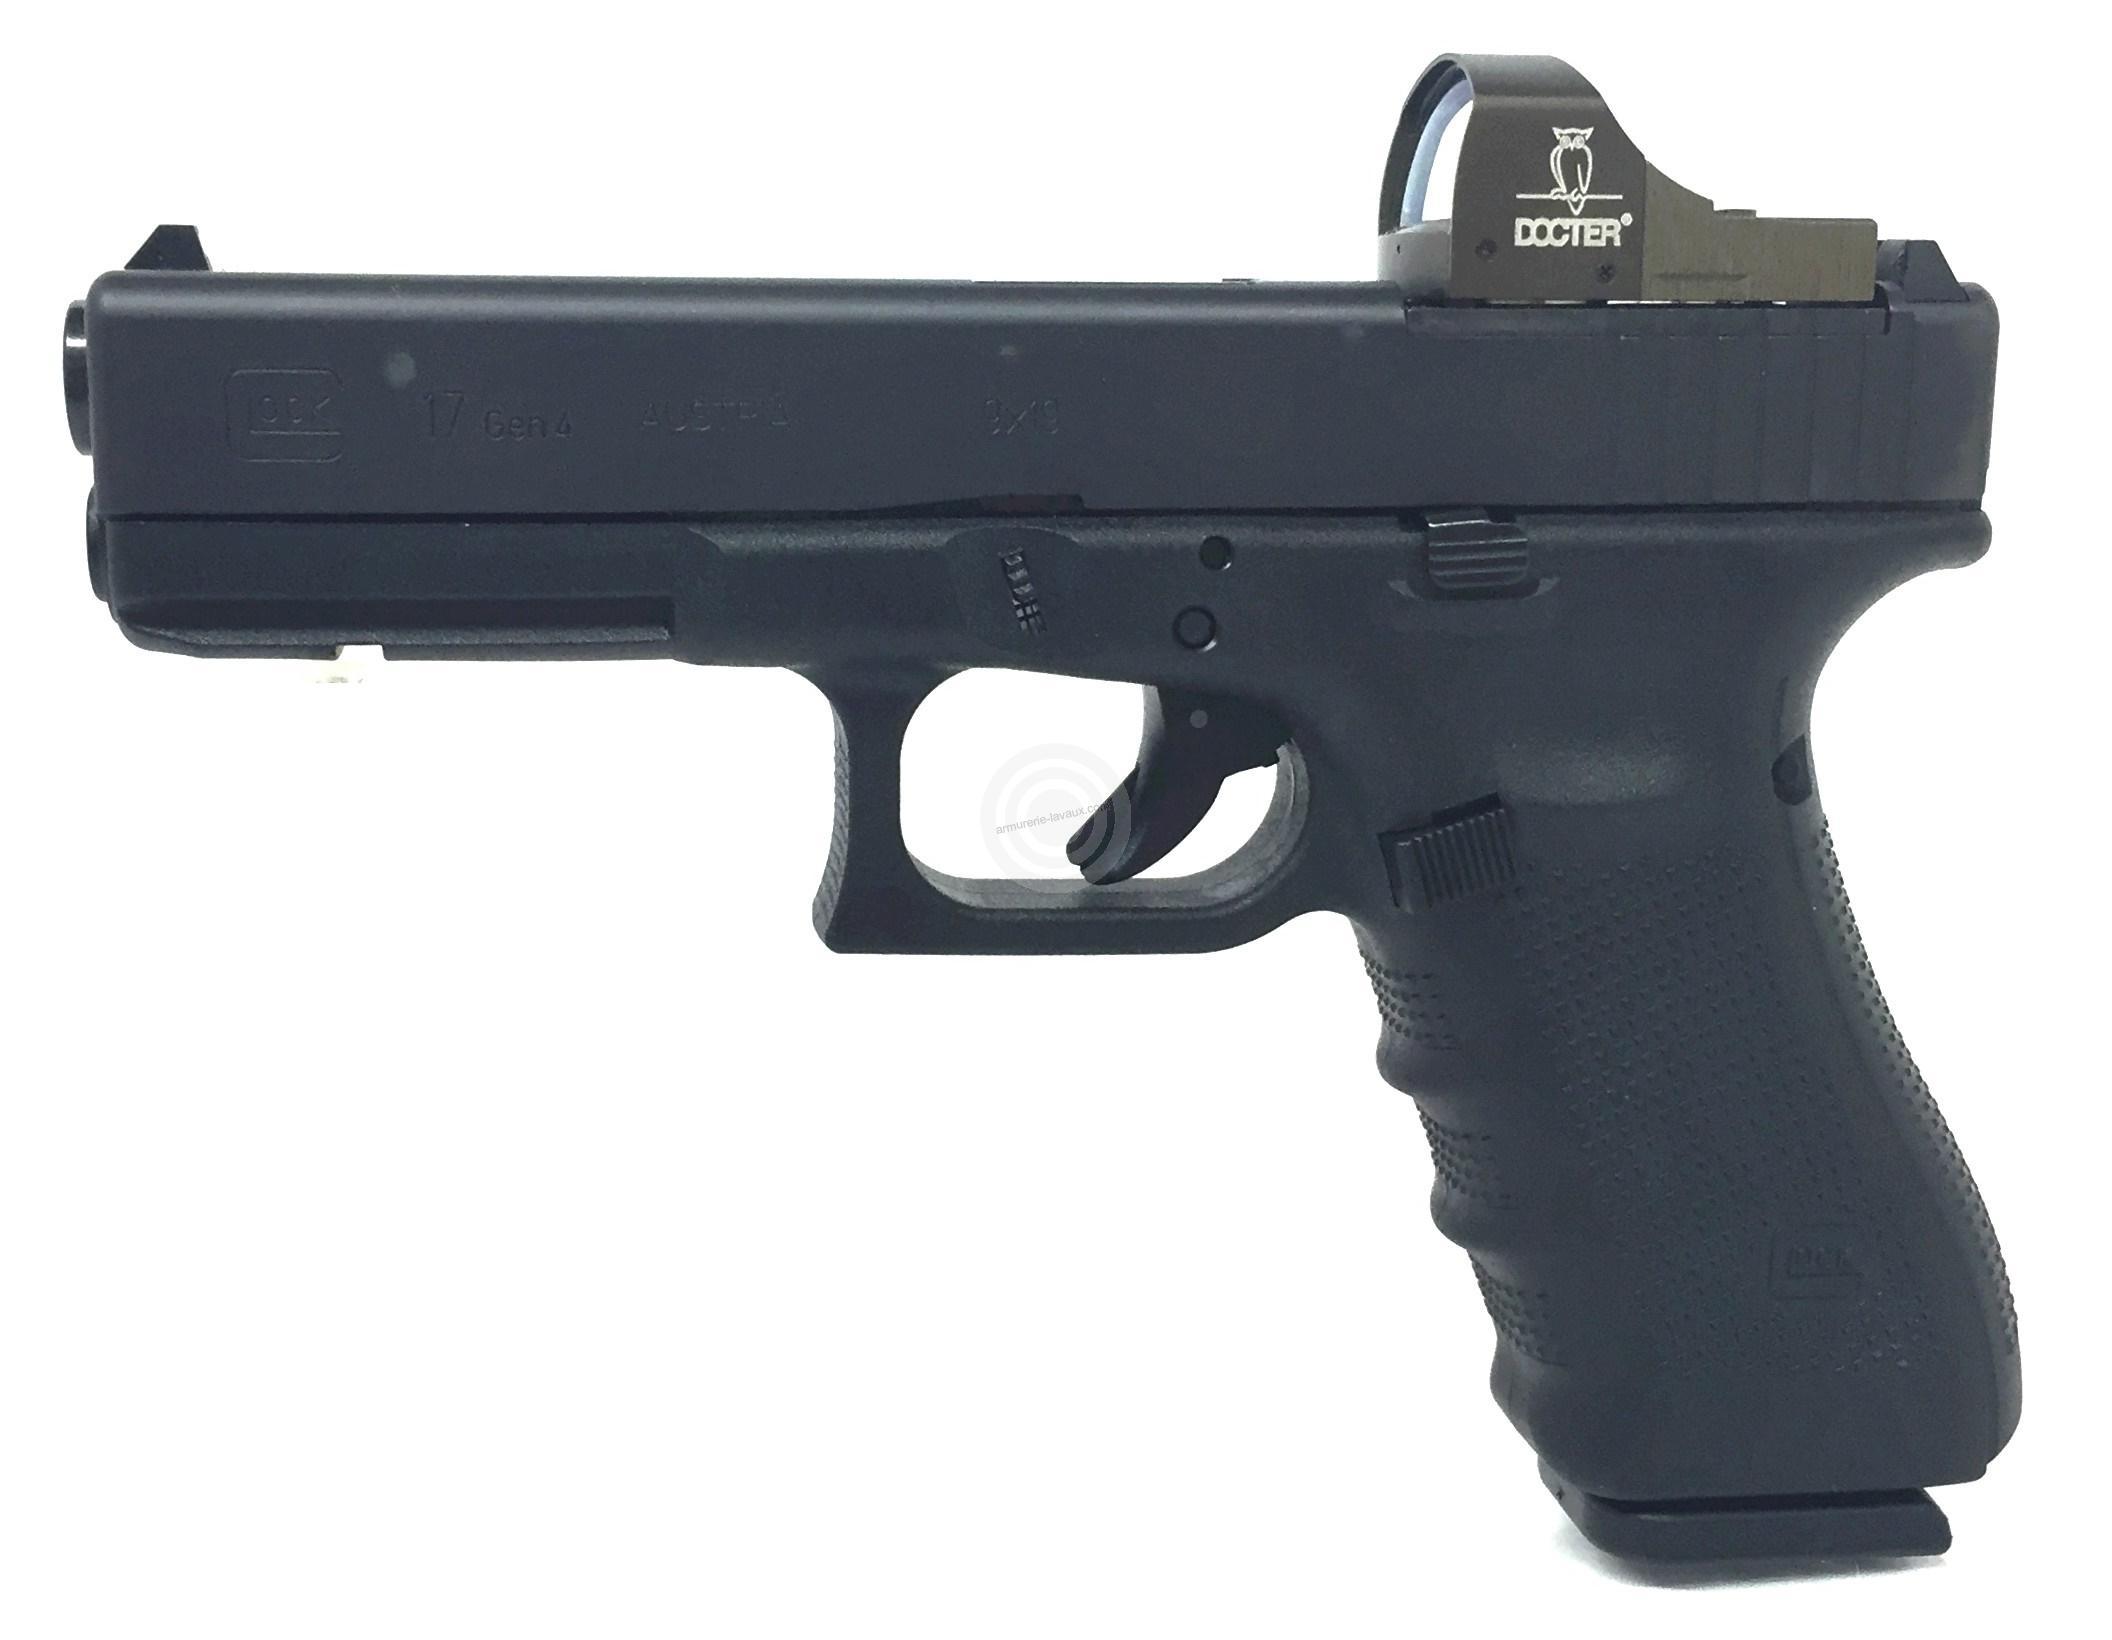 Pistolet GLOCK 17 Gen4 MOS Docter Sight II cal.9x19